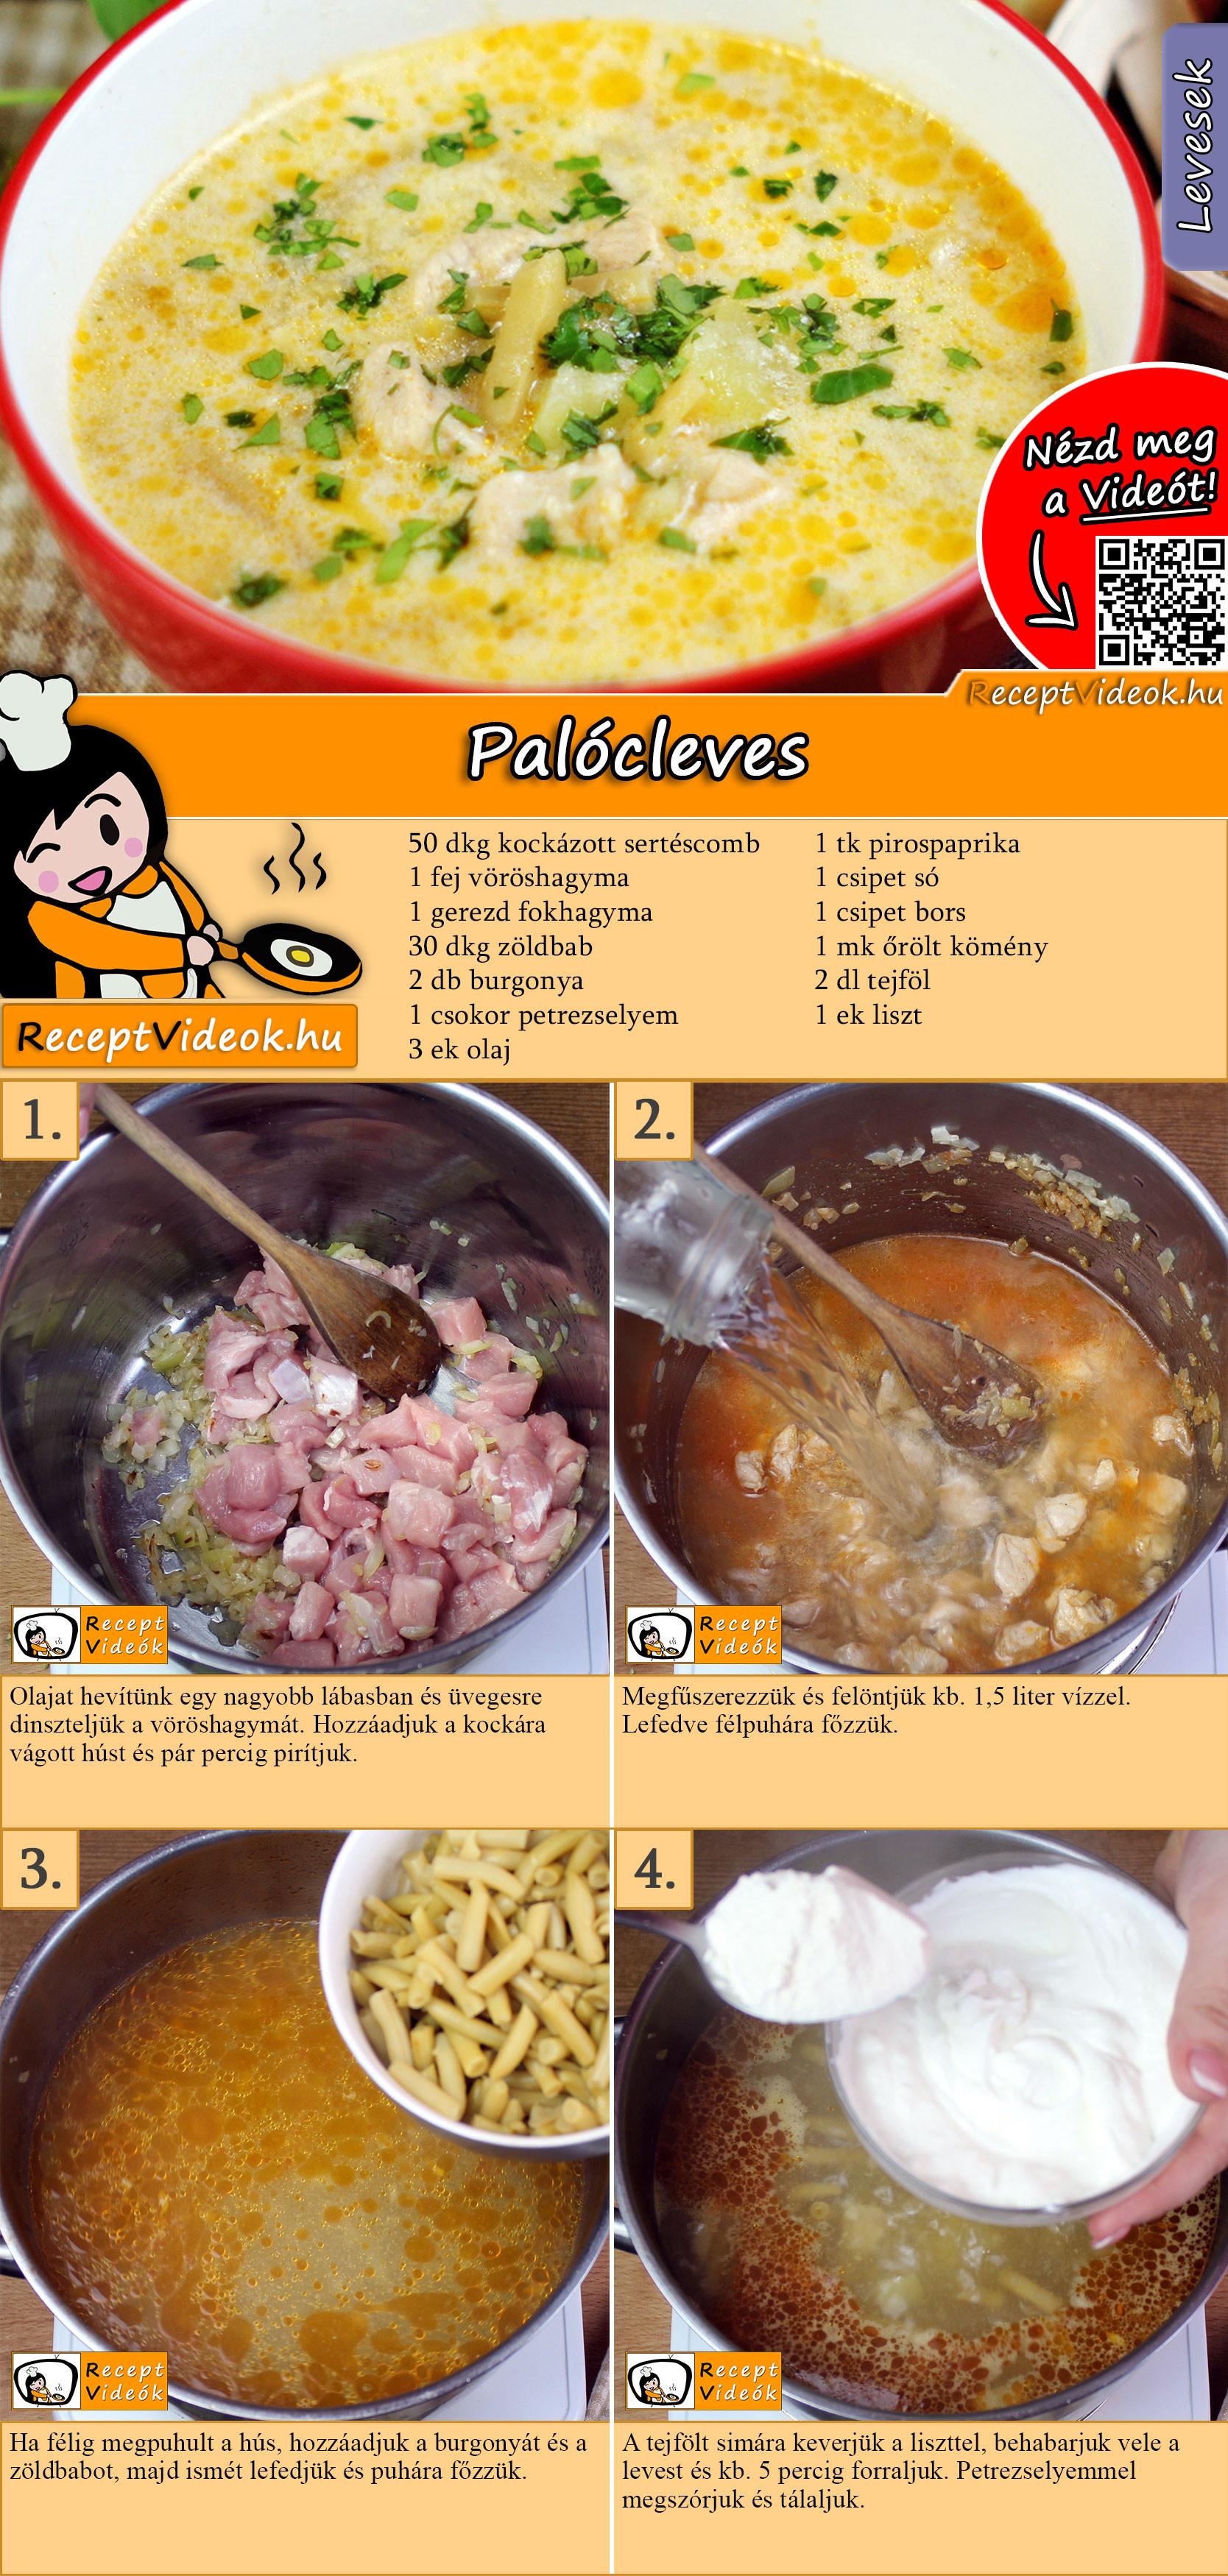 Palócleves recept elkészítése videóval